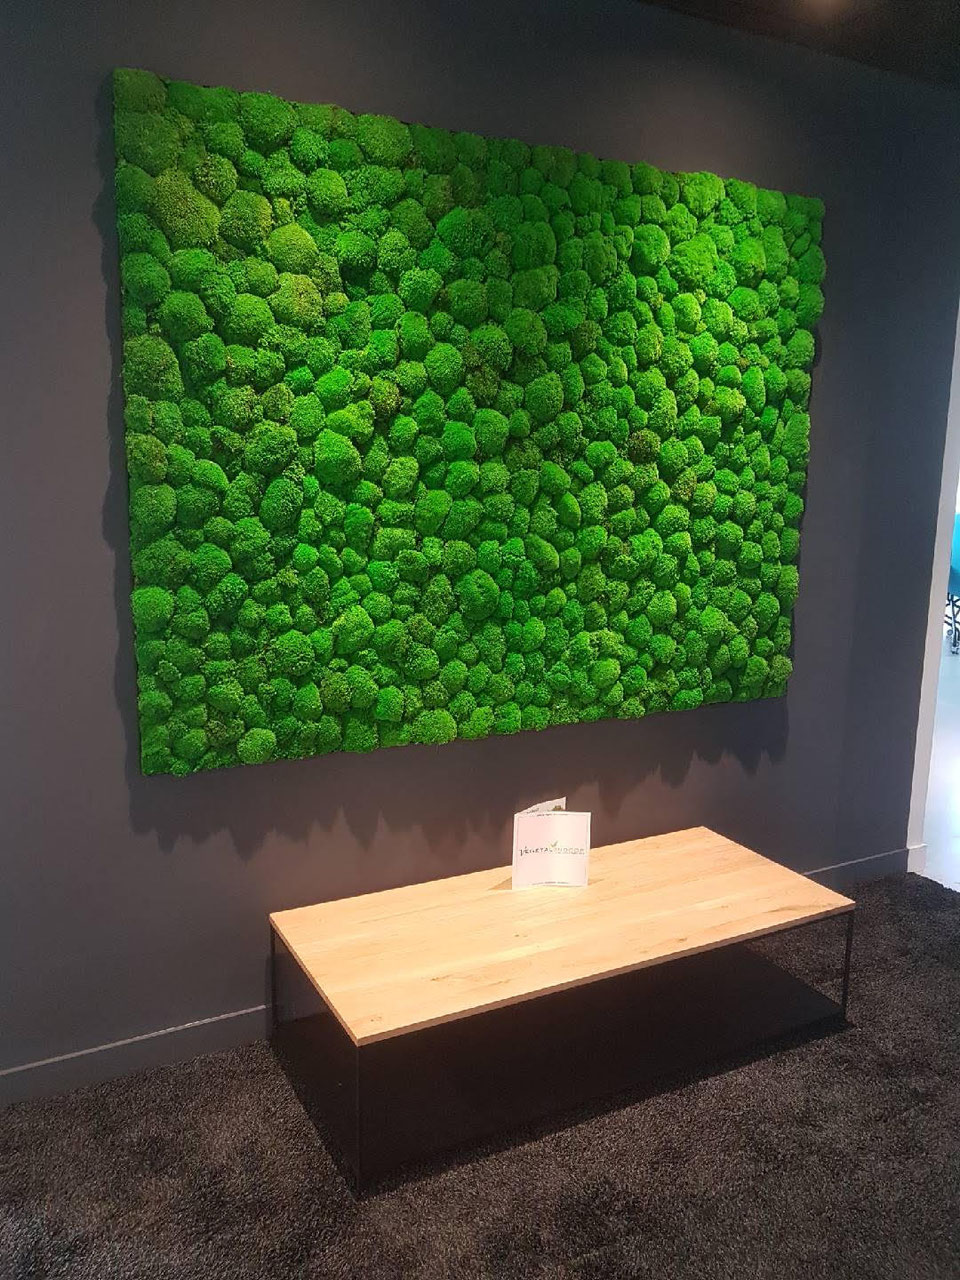 mur v g tal mousse boule vegetal indoor mur v g tal stabilis. Black Bedroom Furniture Sets. Home Design Ideas